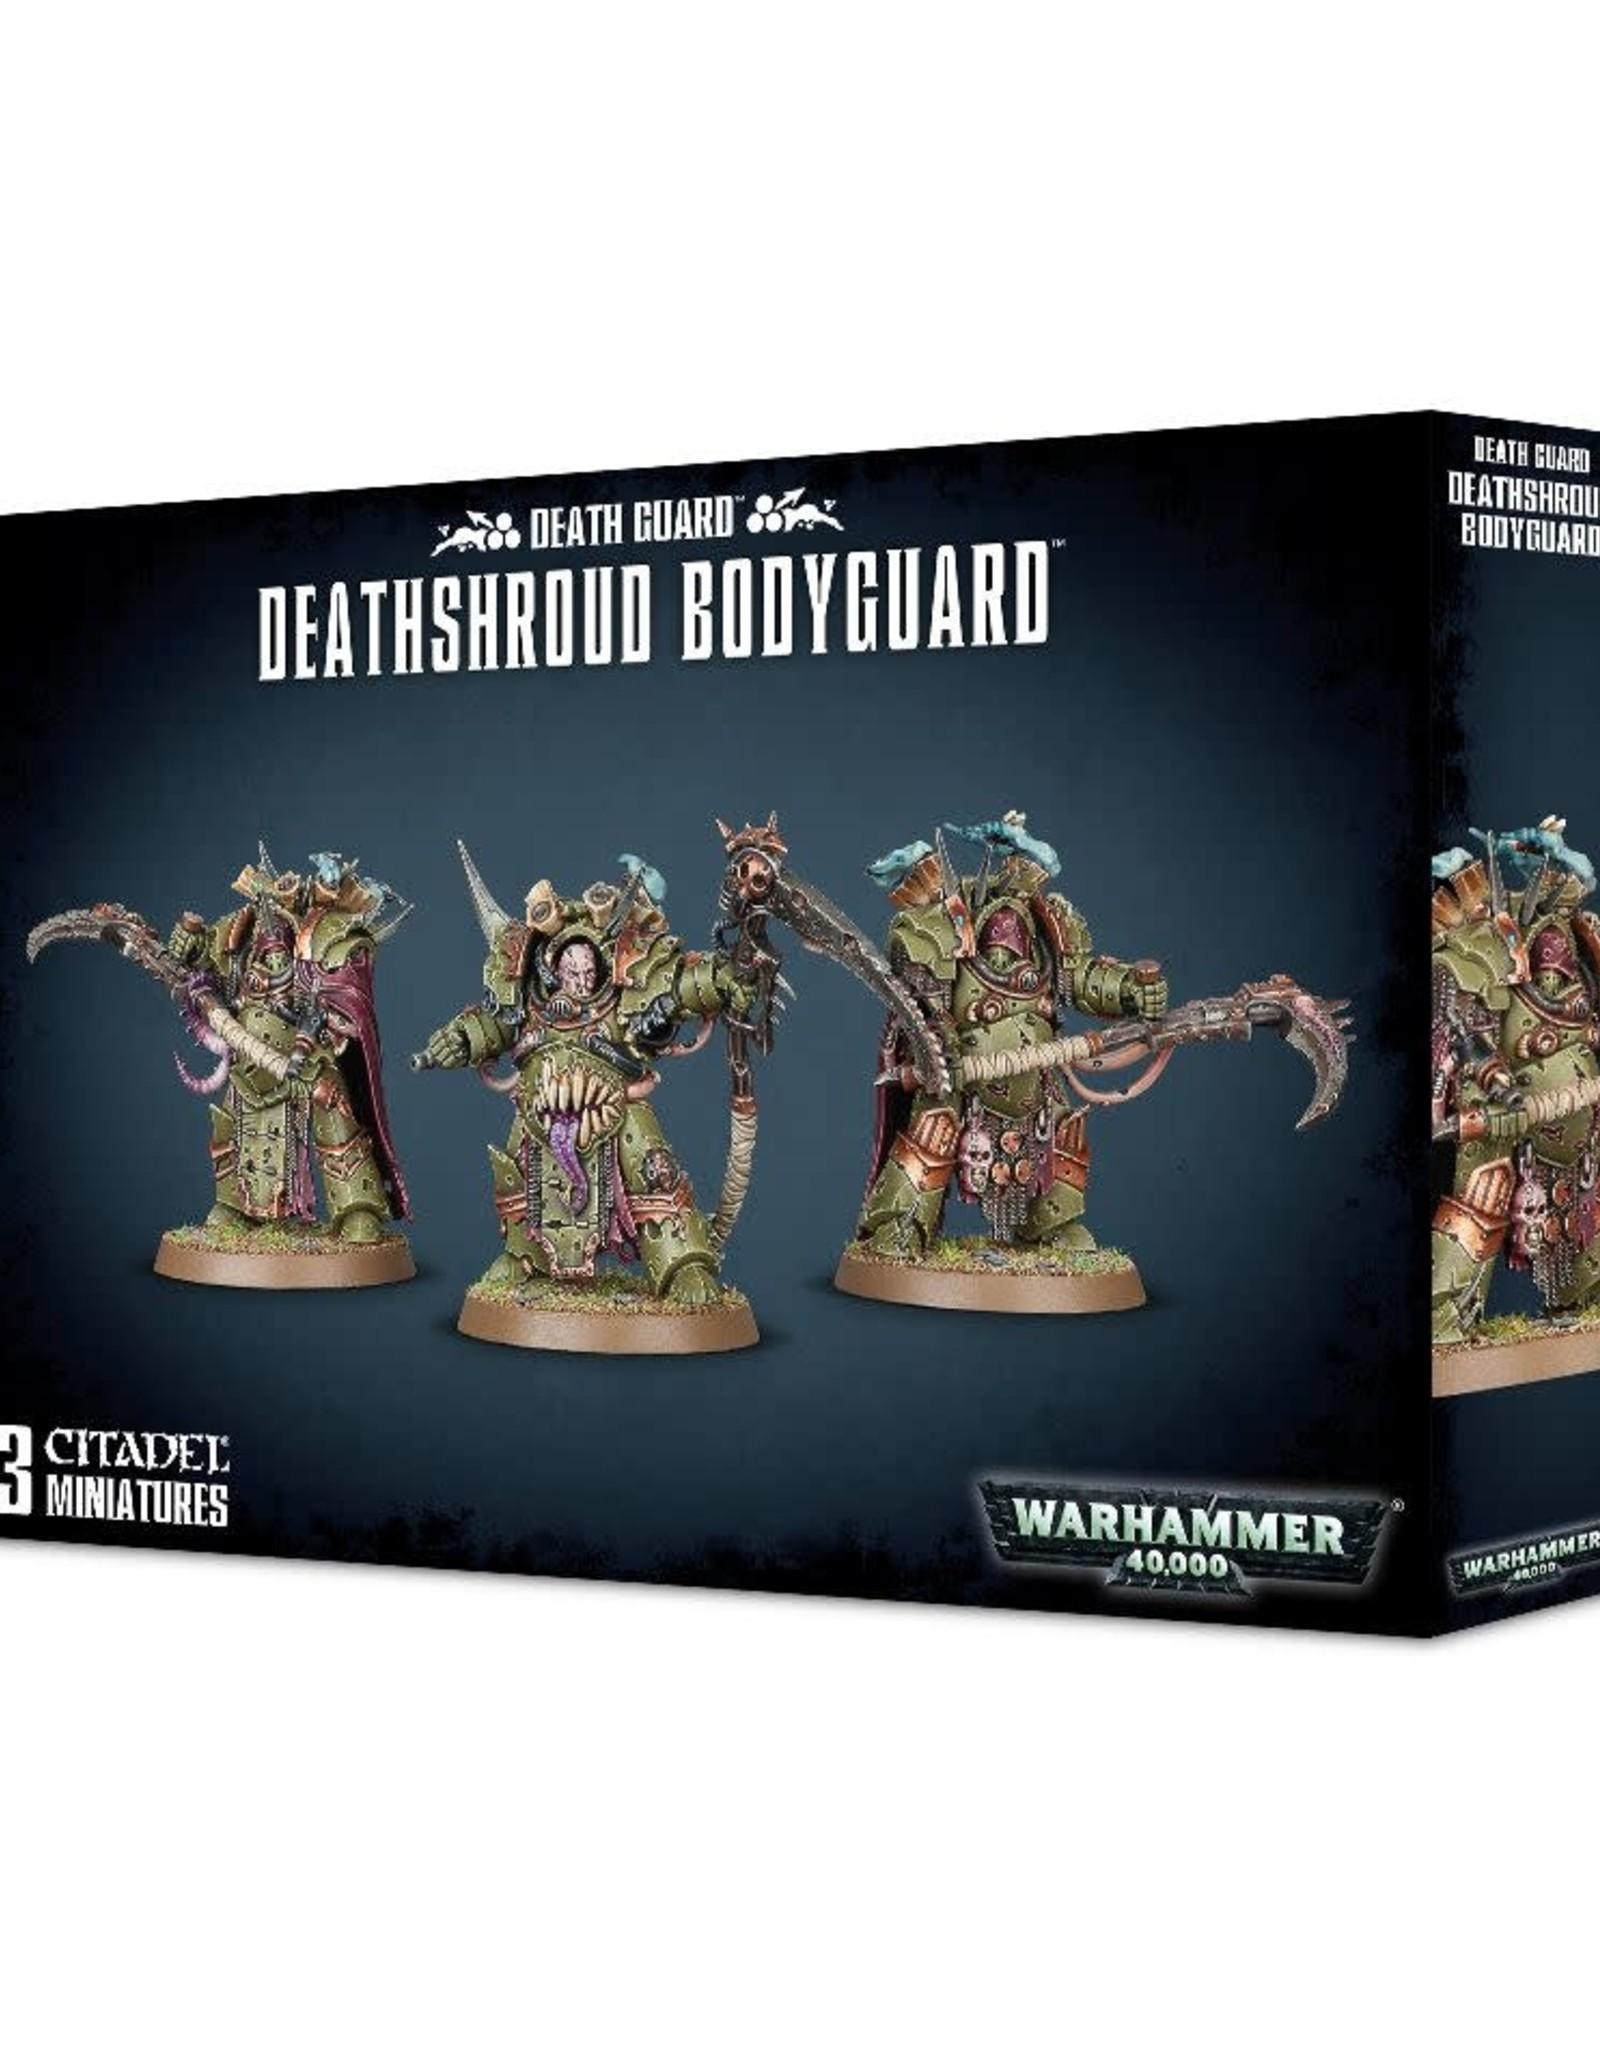 Warhammer 40K Death Guard Deathshroud Bodyguard